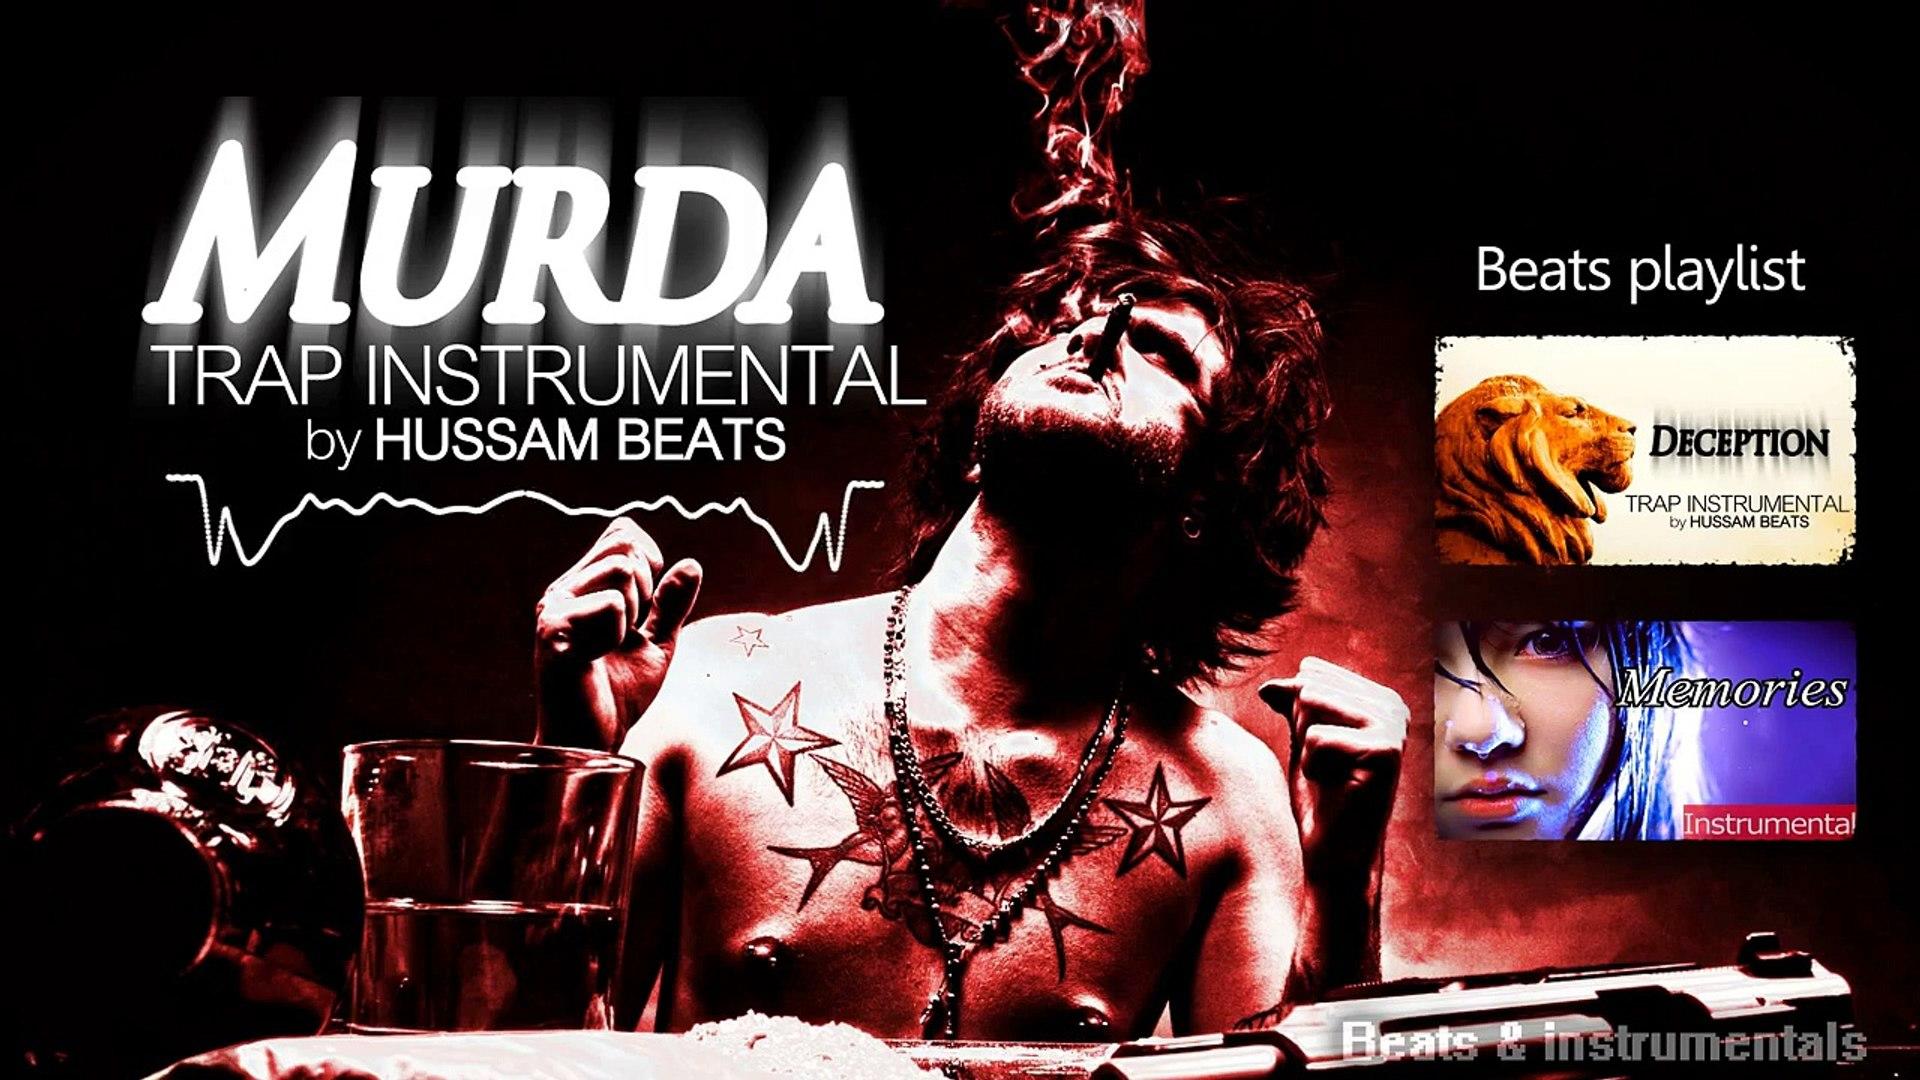 Murda - Hard Banger 808 Trap instrumental 2016 | Hussam Beats